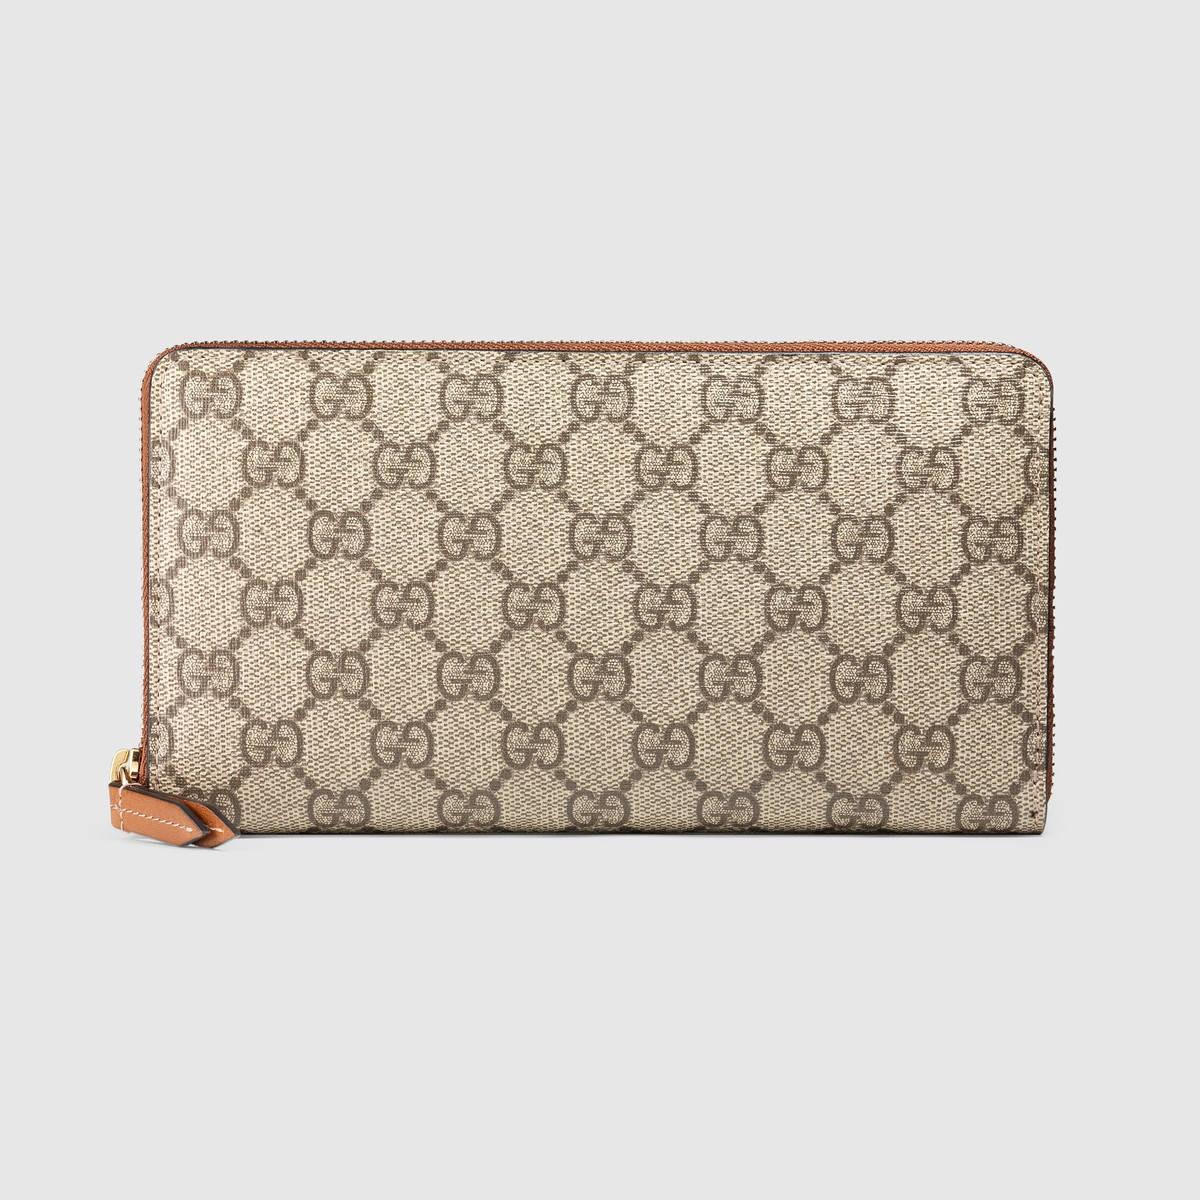 Gucci Wallets GG Supreme zip around wallet - GG Supreme canvas